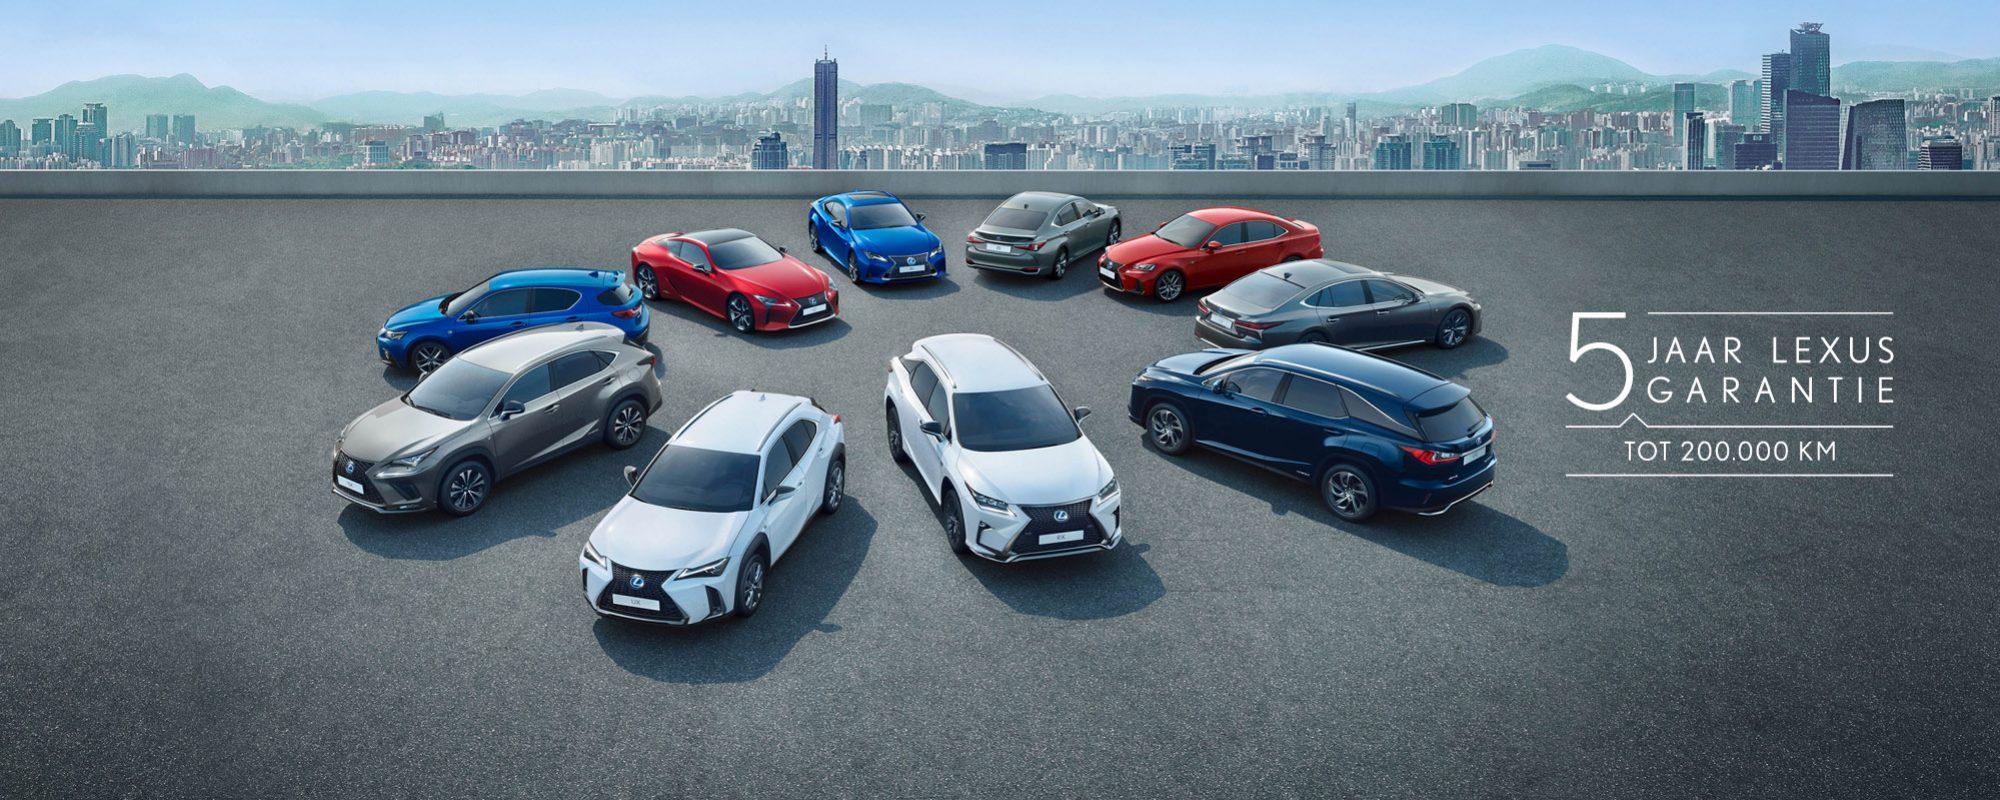 Standaard vijf jaar garantie op elke Lexus